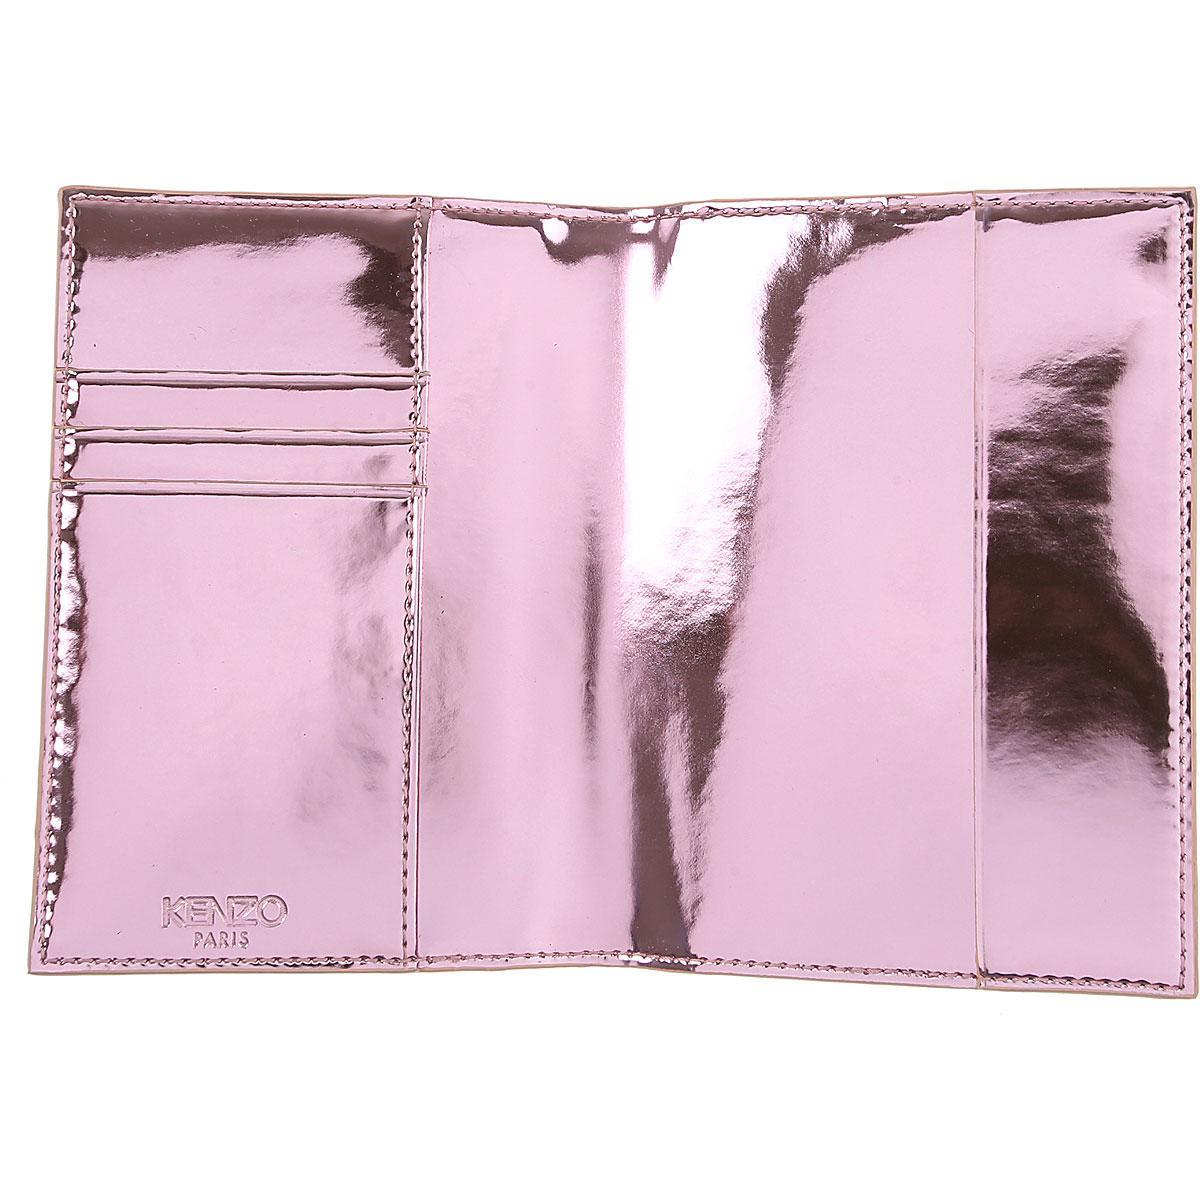 KENZO - Pink Montre Femme Pas cher en Soldes - Lyst. Afficher en plein écran 616f704286c